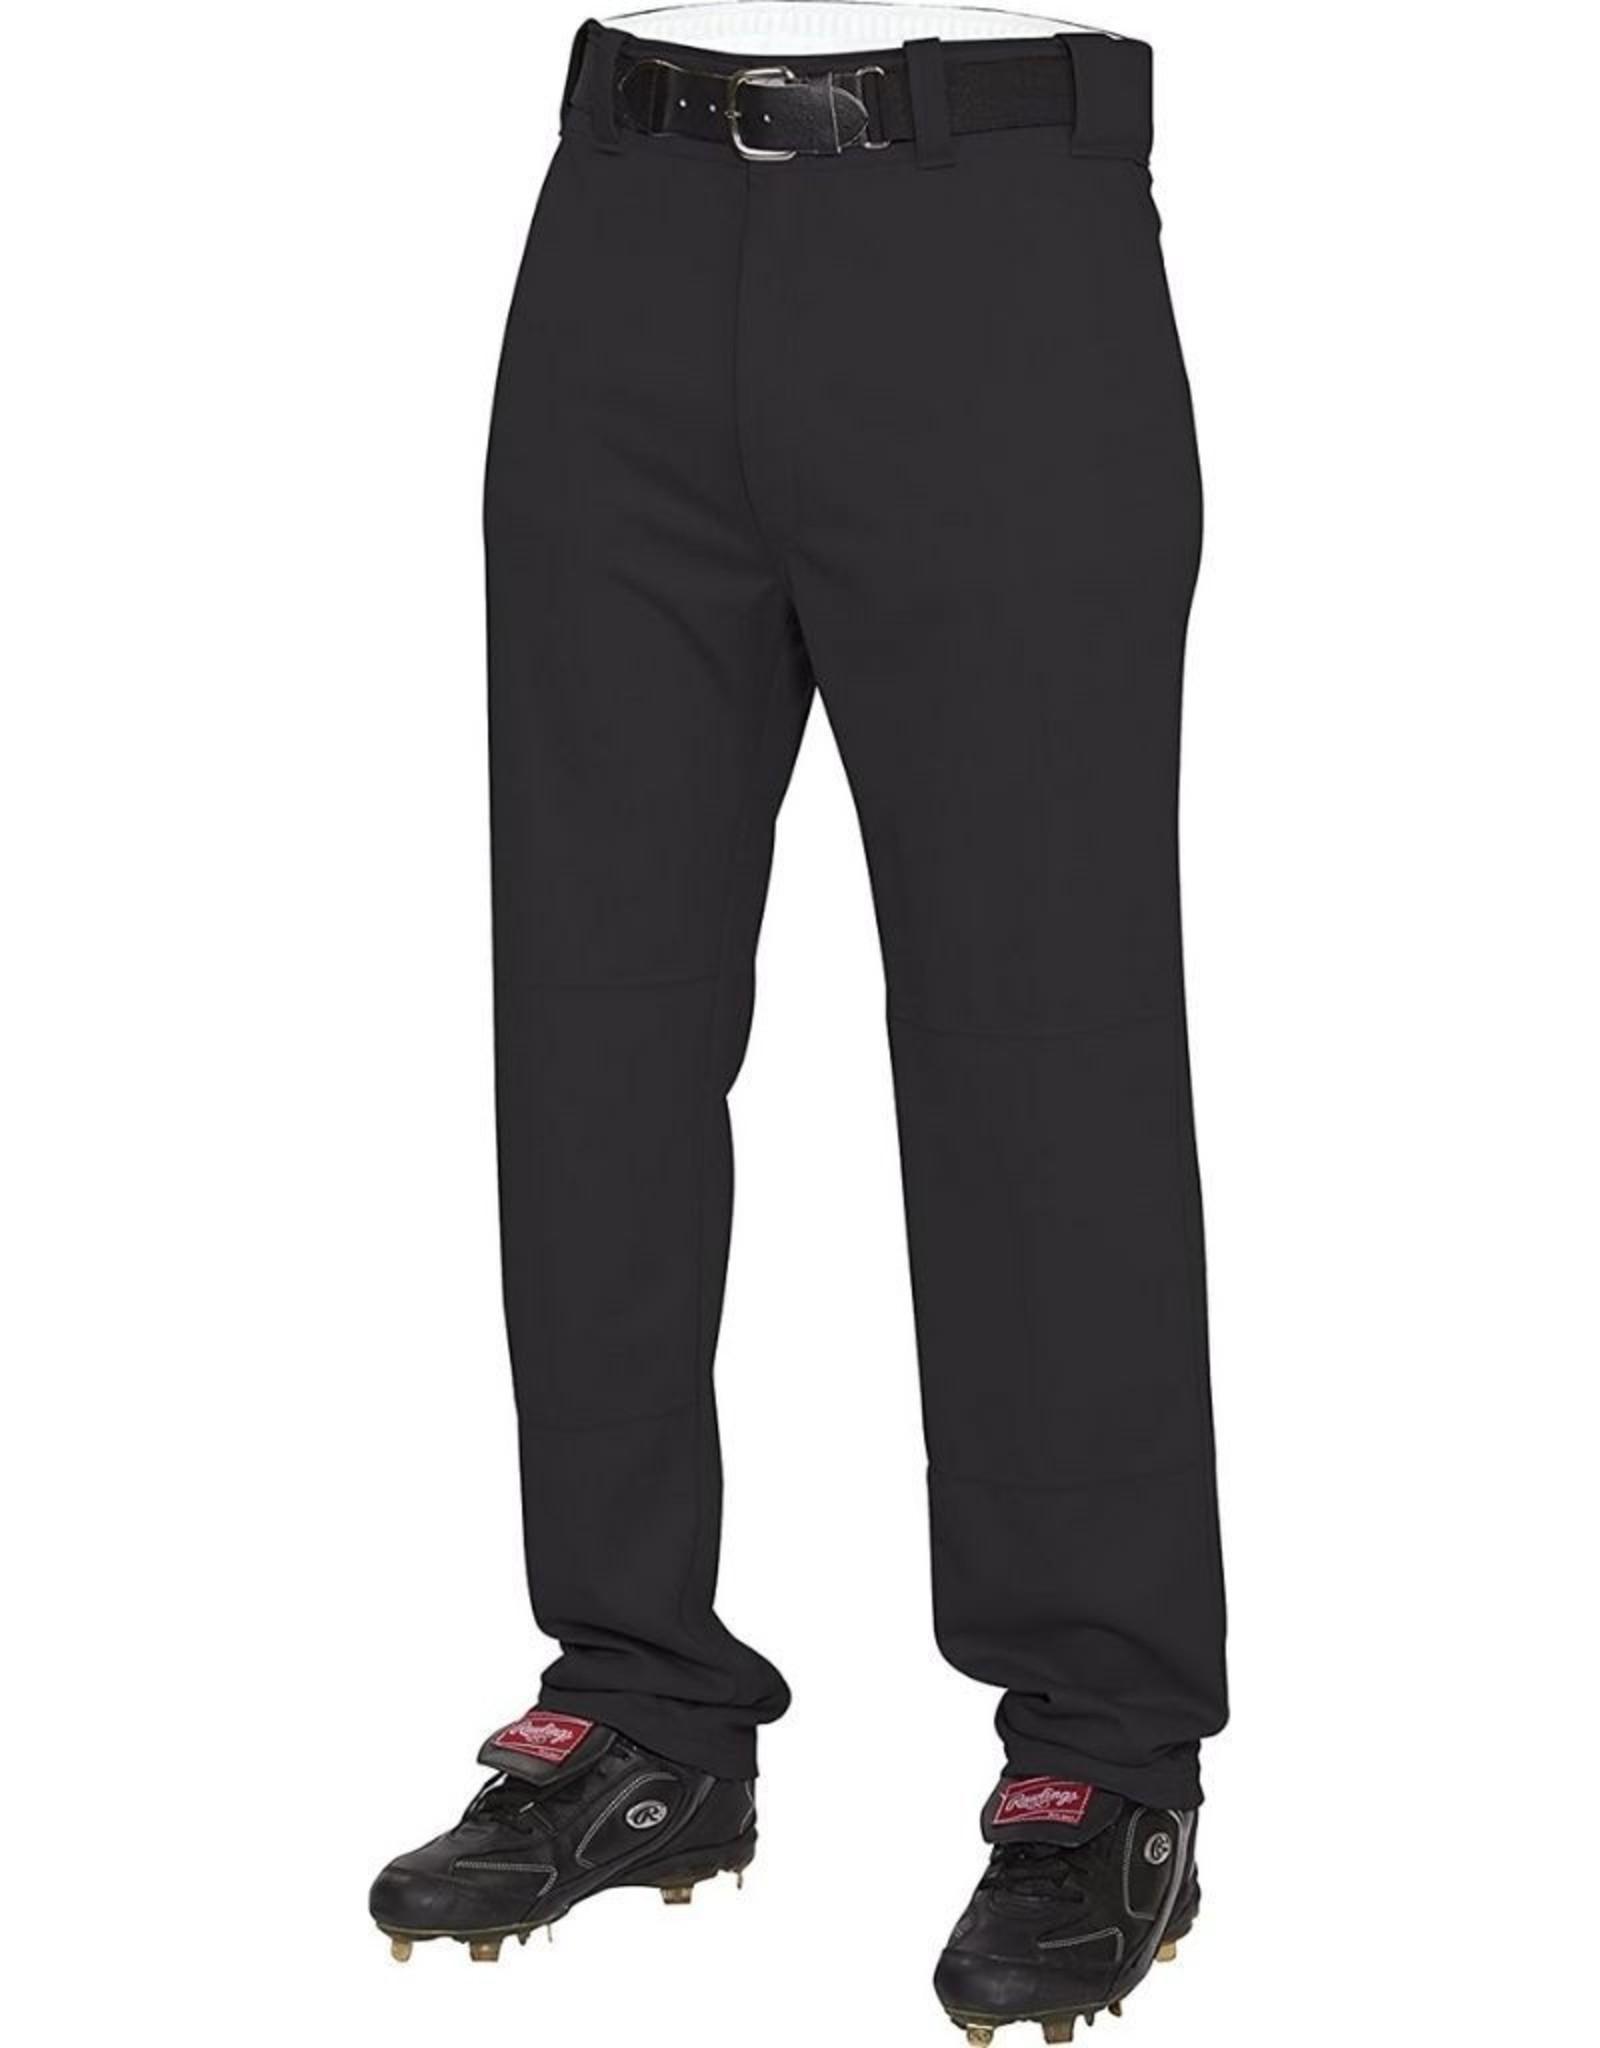 Rawlings Semi-Relaxed Adult Baseball Pants Black